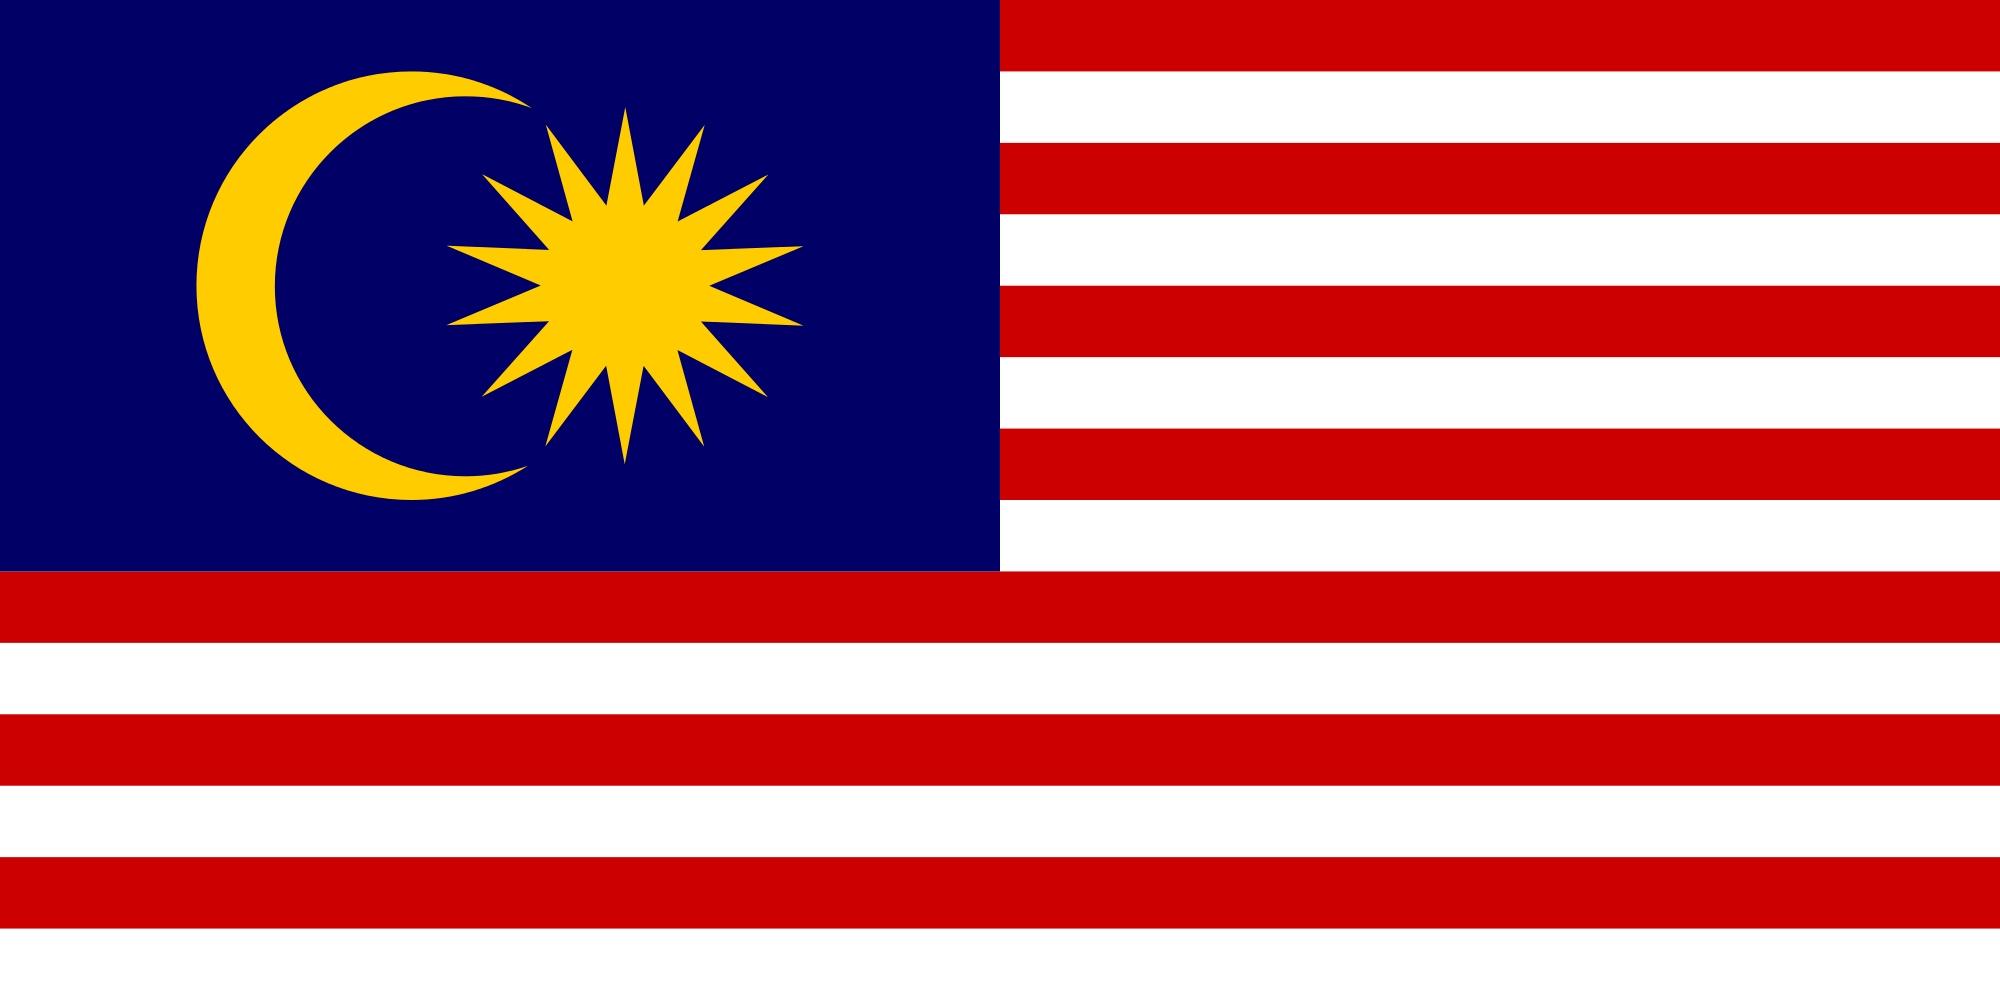 Malaysia | Prepaid Data SIM Card Wiki | FANDOM powered by Wikia